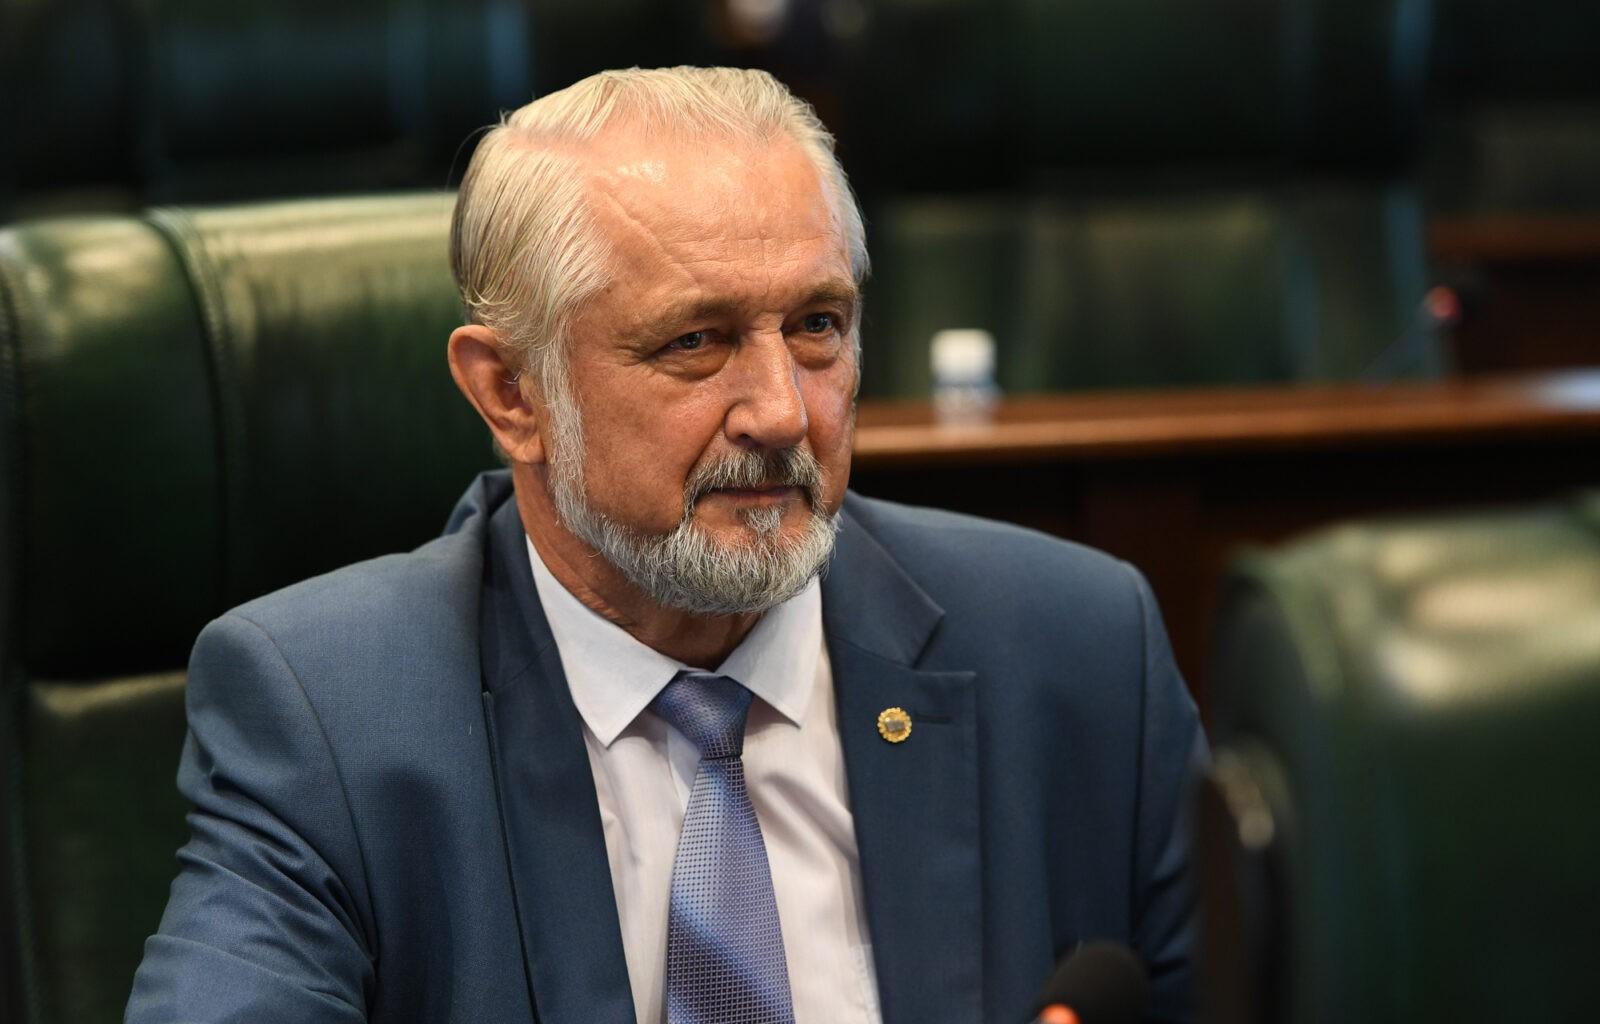 Владимир Данилов: Закон разрешает выделять средства Дорожного фонда на благоустройство